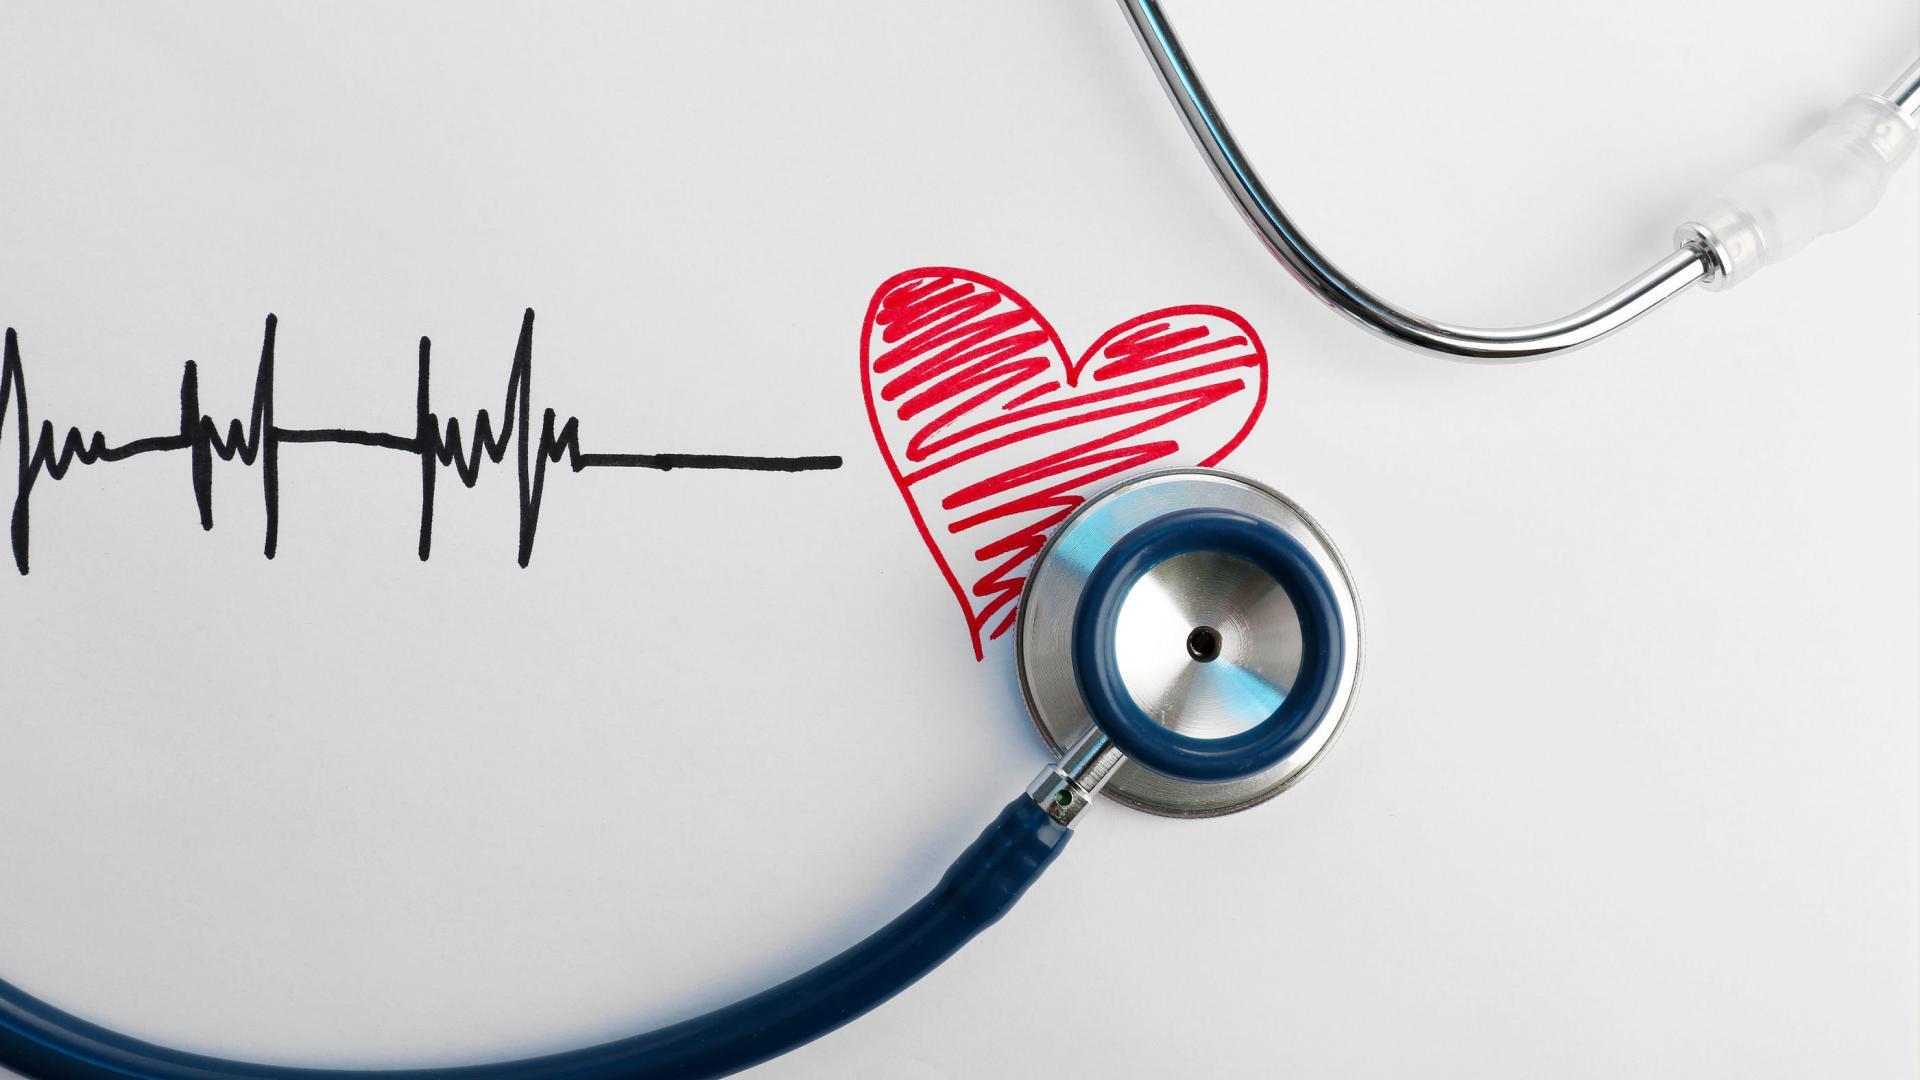 Немецкие медики назвали 4 метода, которые действительно помогают снижать давление при гипертонии